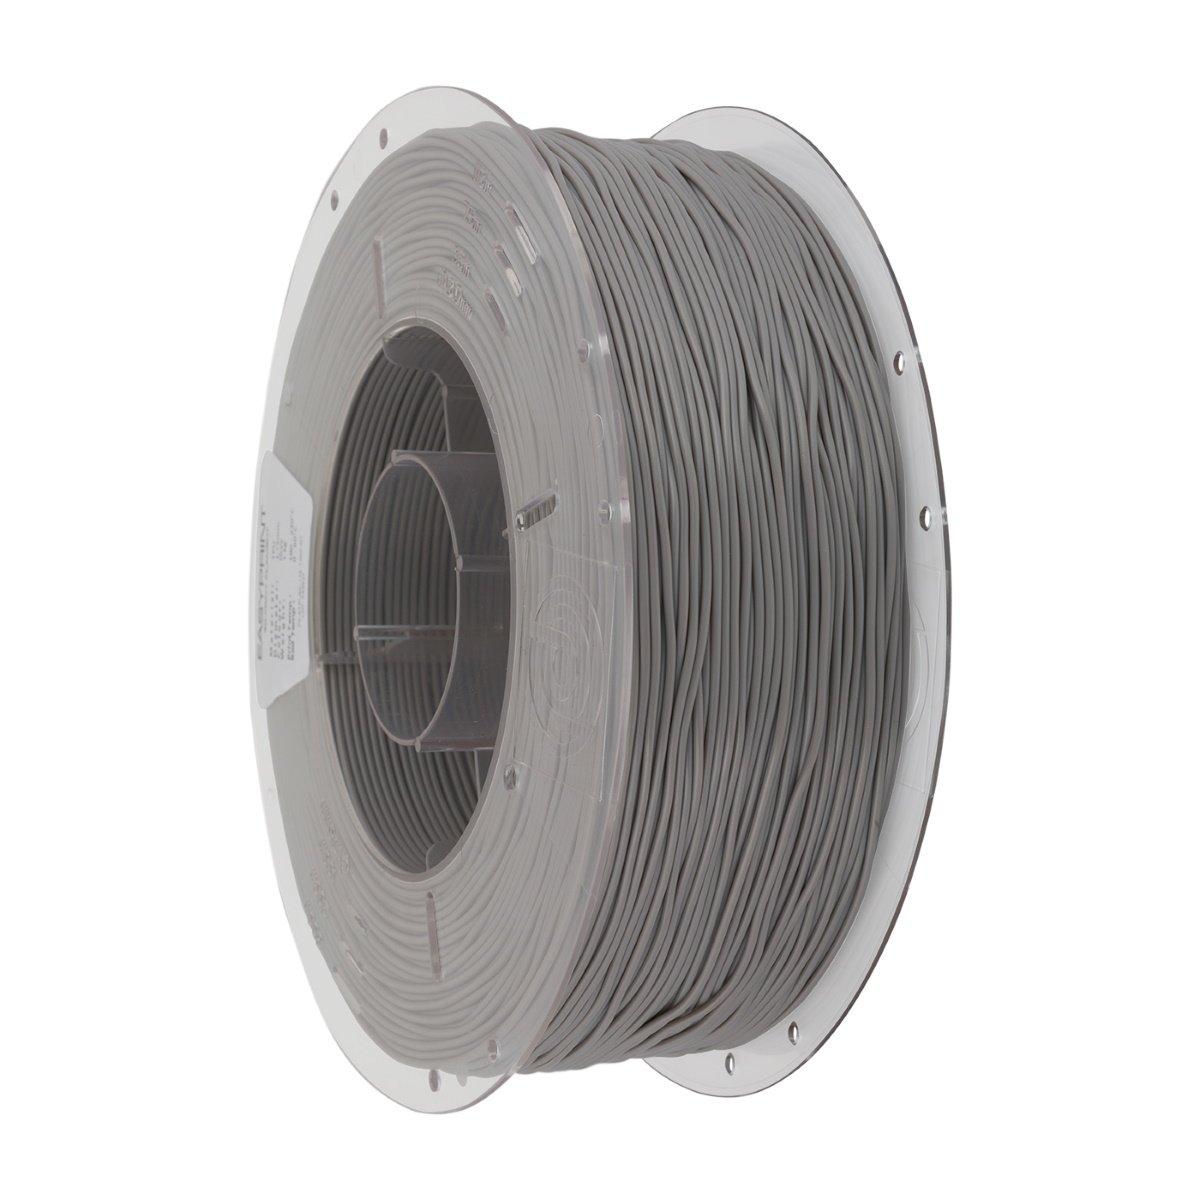 Image of PrimaCreator™ EasyPrint FLEX 95A - 1.75mm - 1 kg - Grey